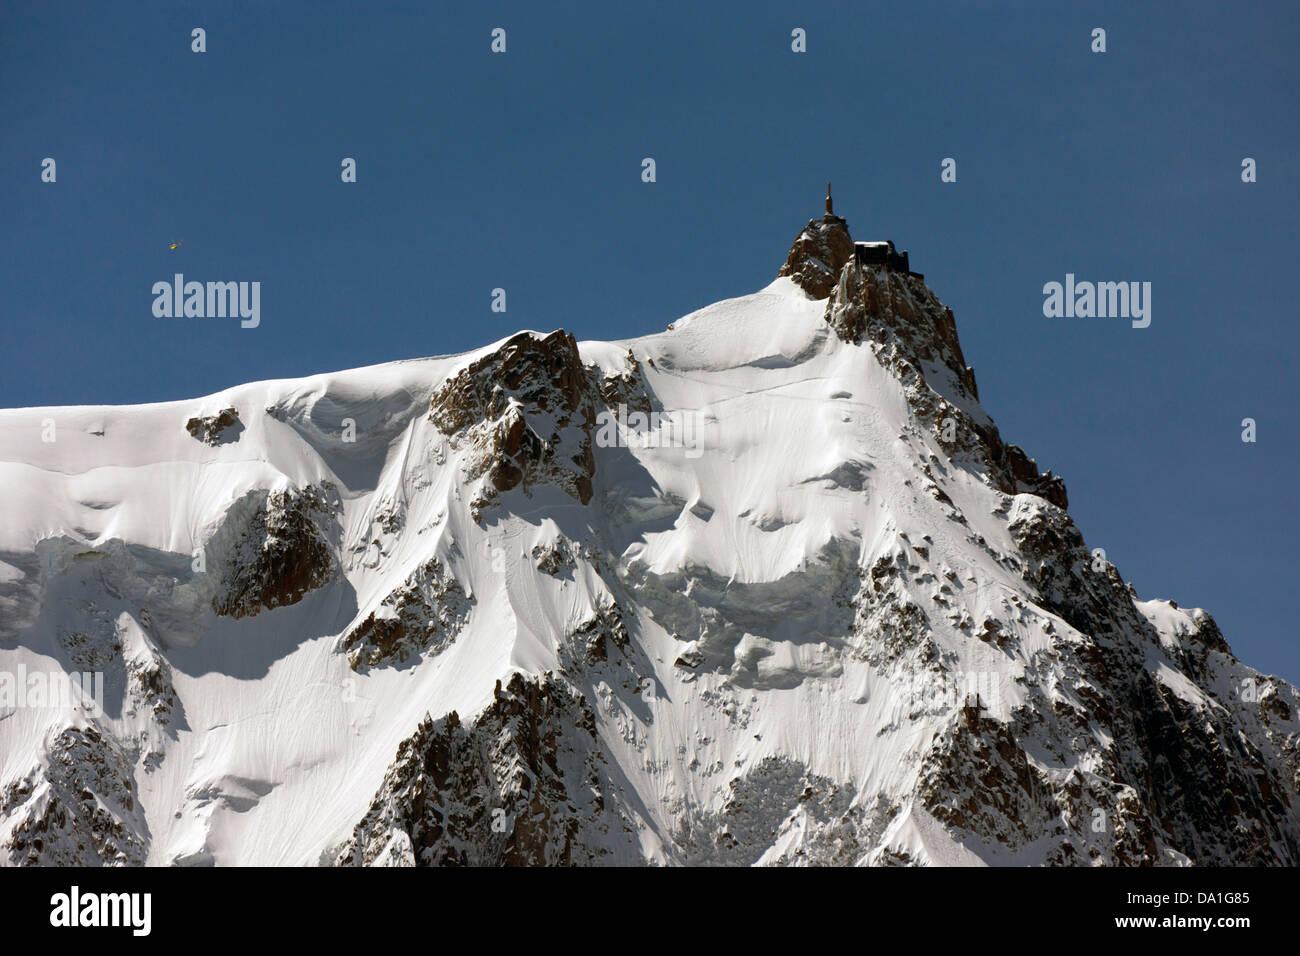 Aiguille du Midi (3,842 m) Chamonix du Mont Blanc, France - Stock Image